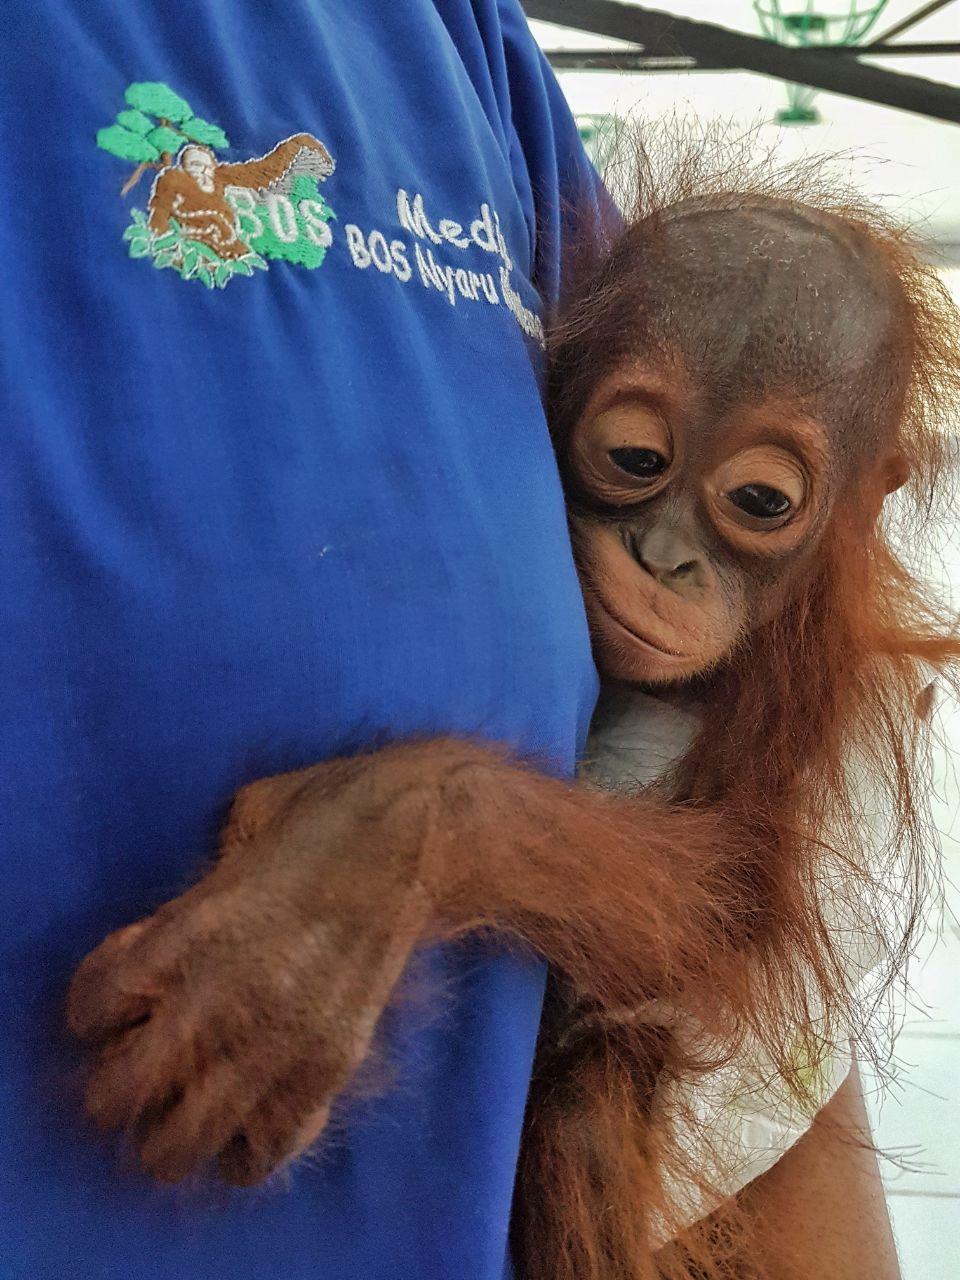 Geretteter Orang-Utan-Junge in der Obhut seiner Pfleger | Freie-Pressemitteilungen.de